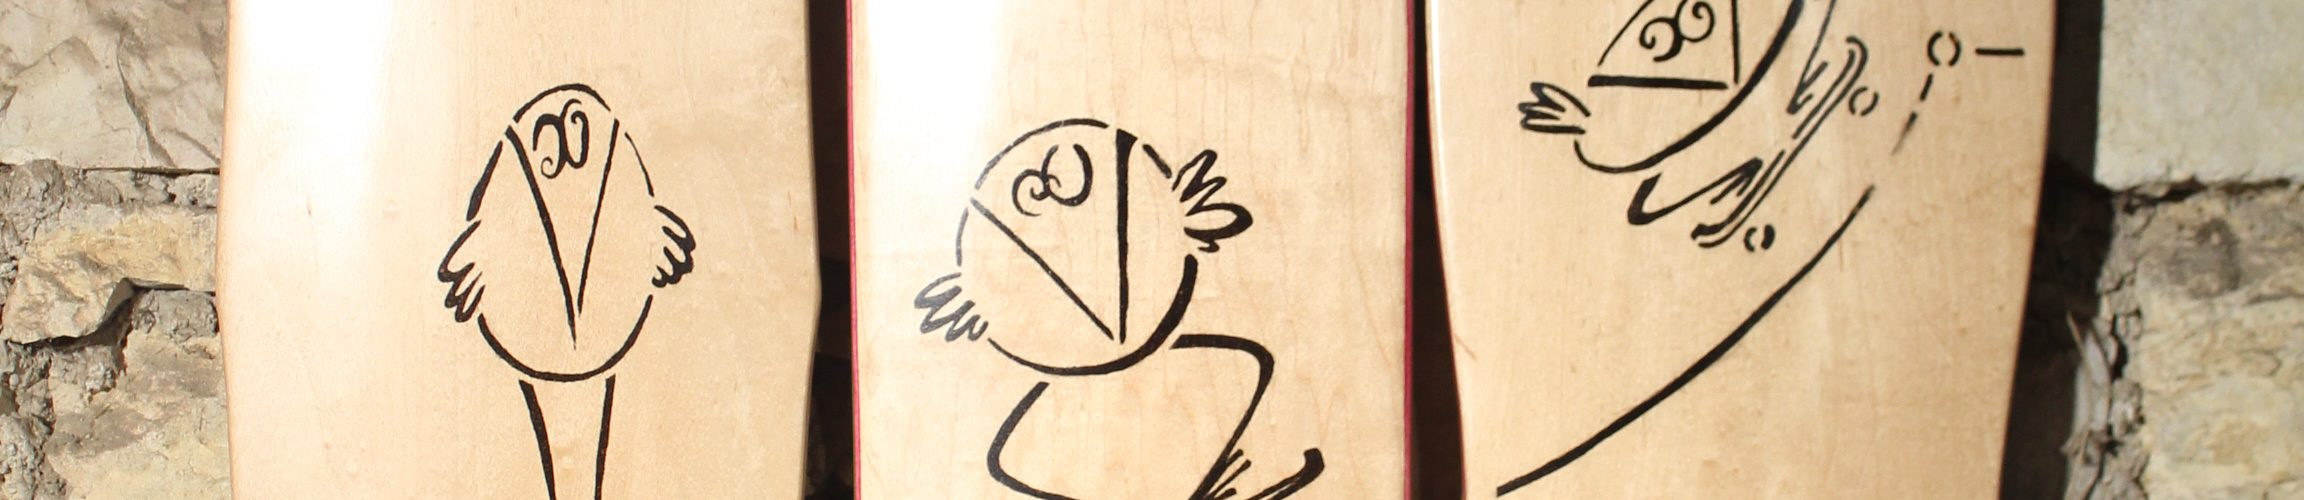 skate boarderline